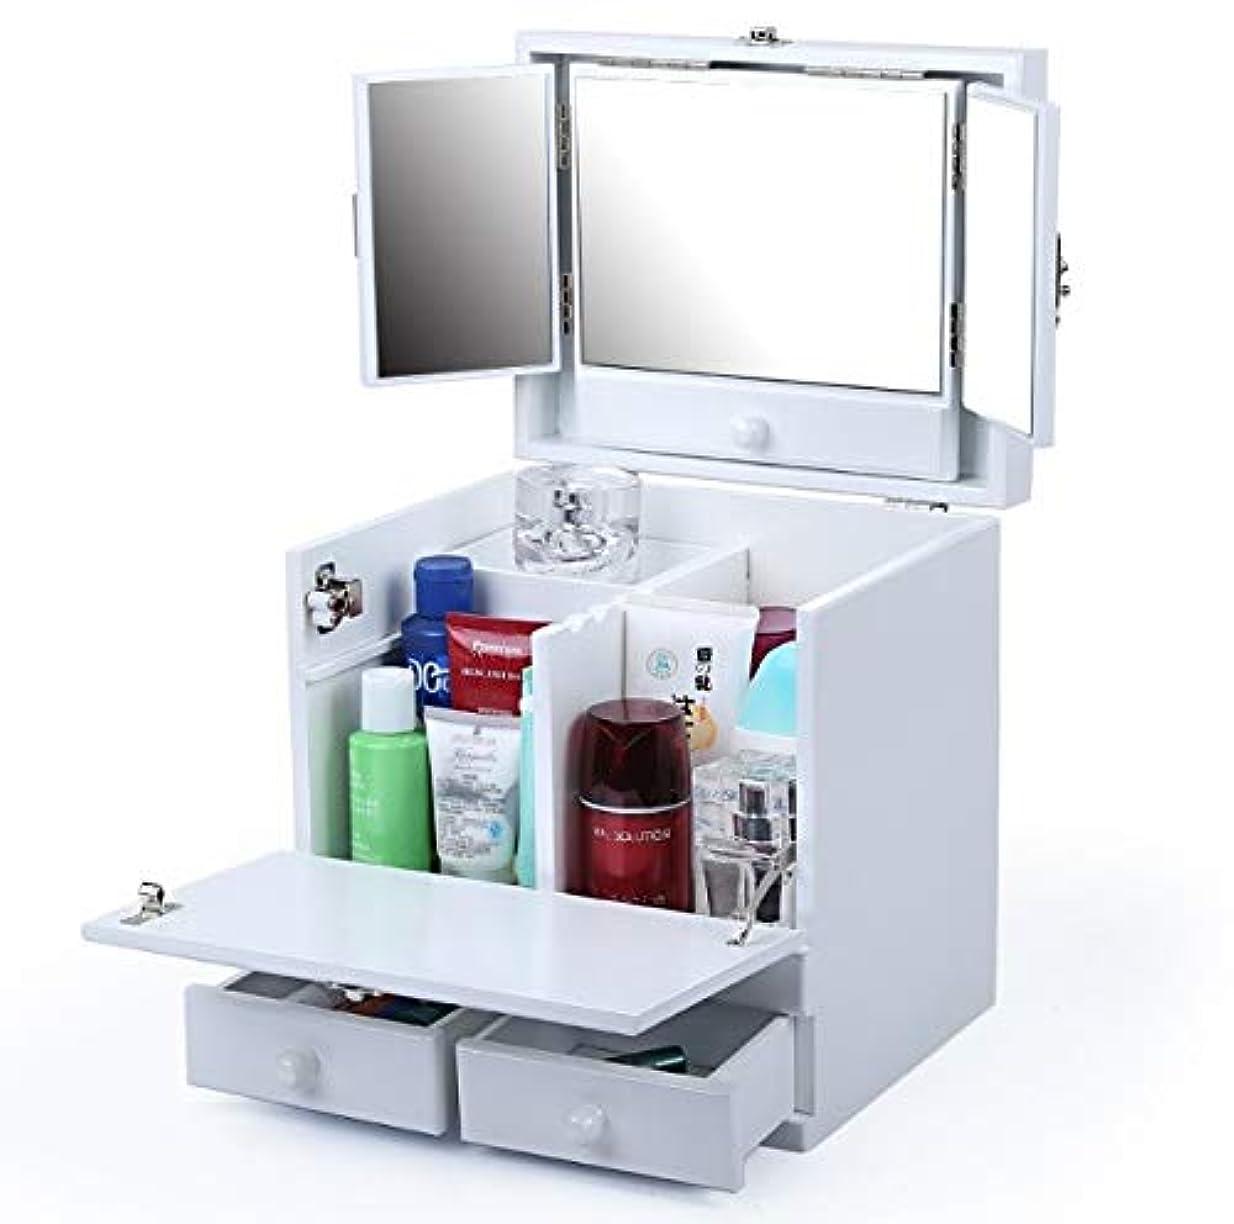 化粧箱、白のダブルデッカーヴィンテージ木彫り化粧品ケース、ミラー、高級ウェディングギフト、新築祝いギフト、美容ネイルジュエリー収納ボックス